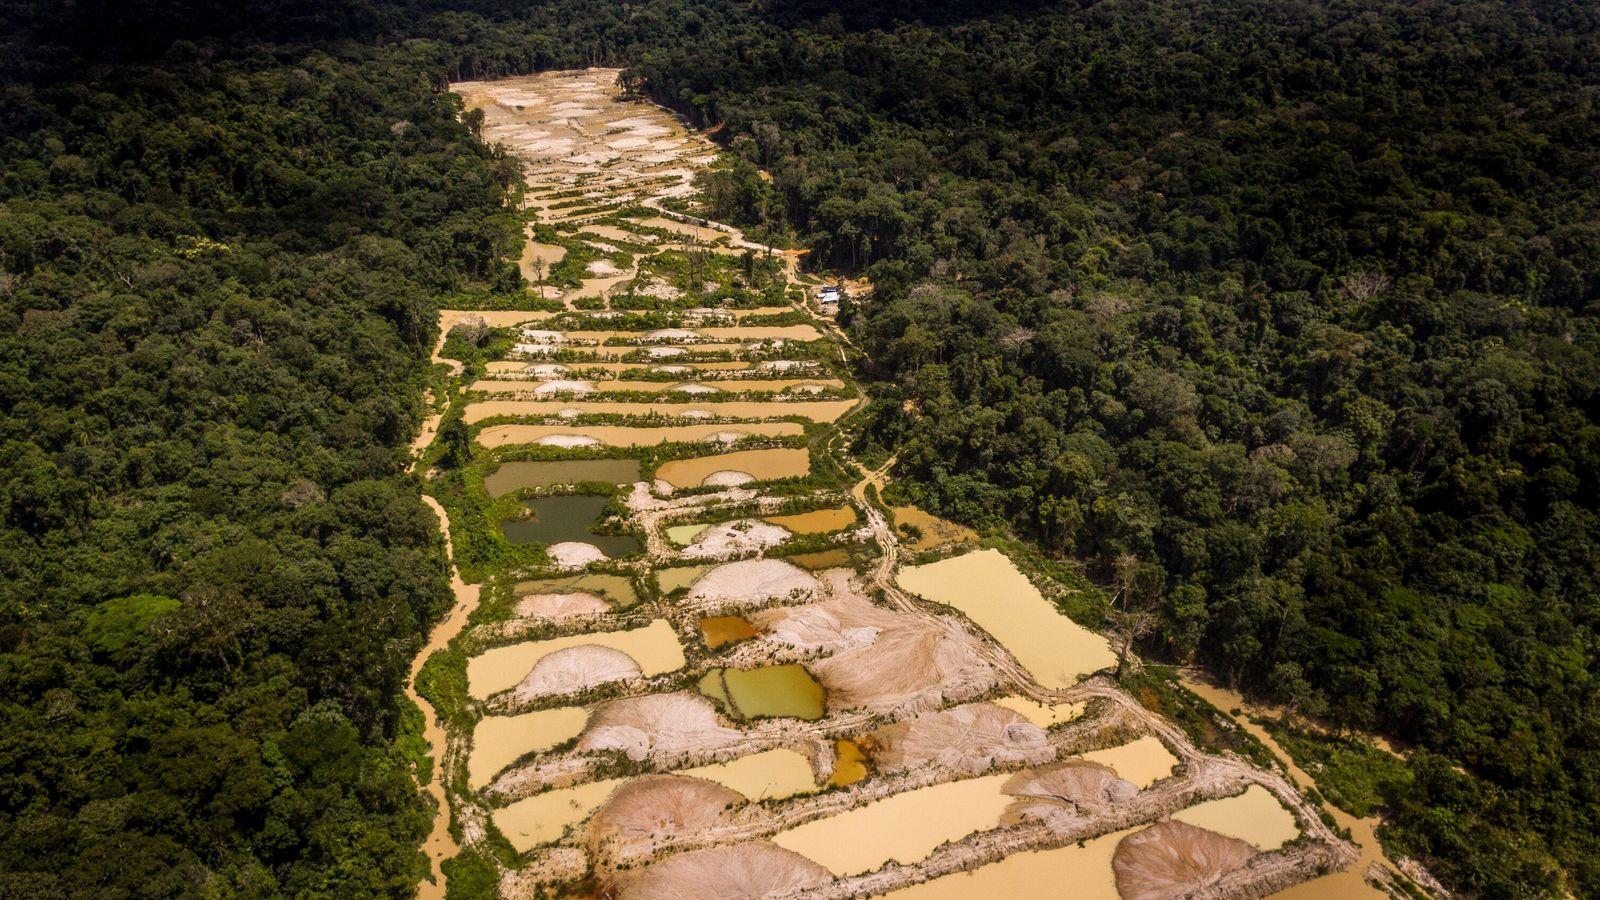 Garimpo de ouro na região do Alto Tapajós, na Amazônia paraense. O ouro é extraído nos ...